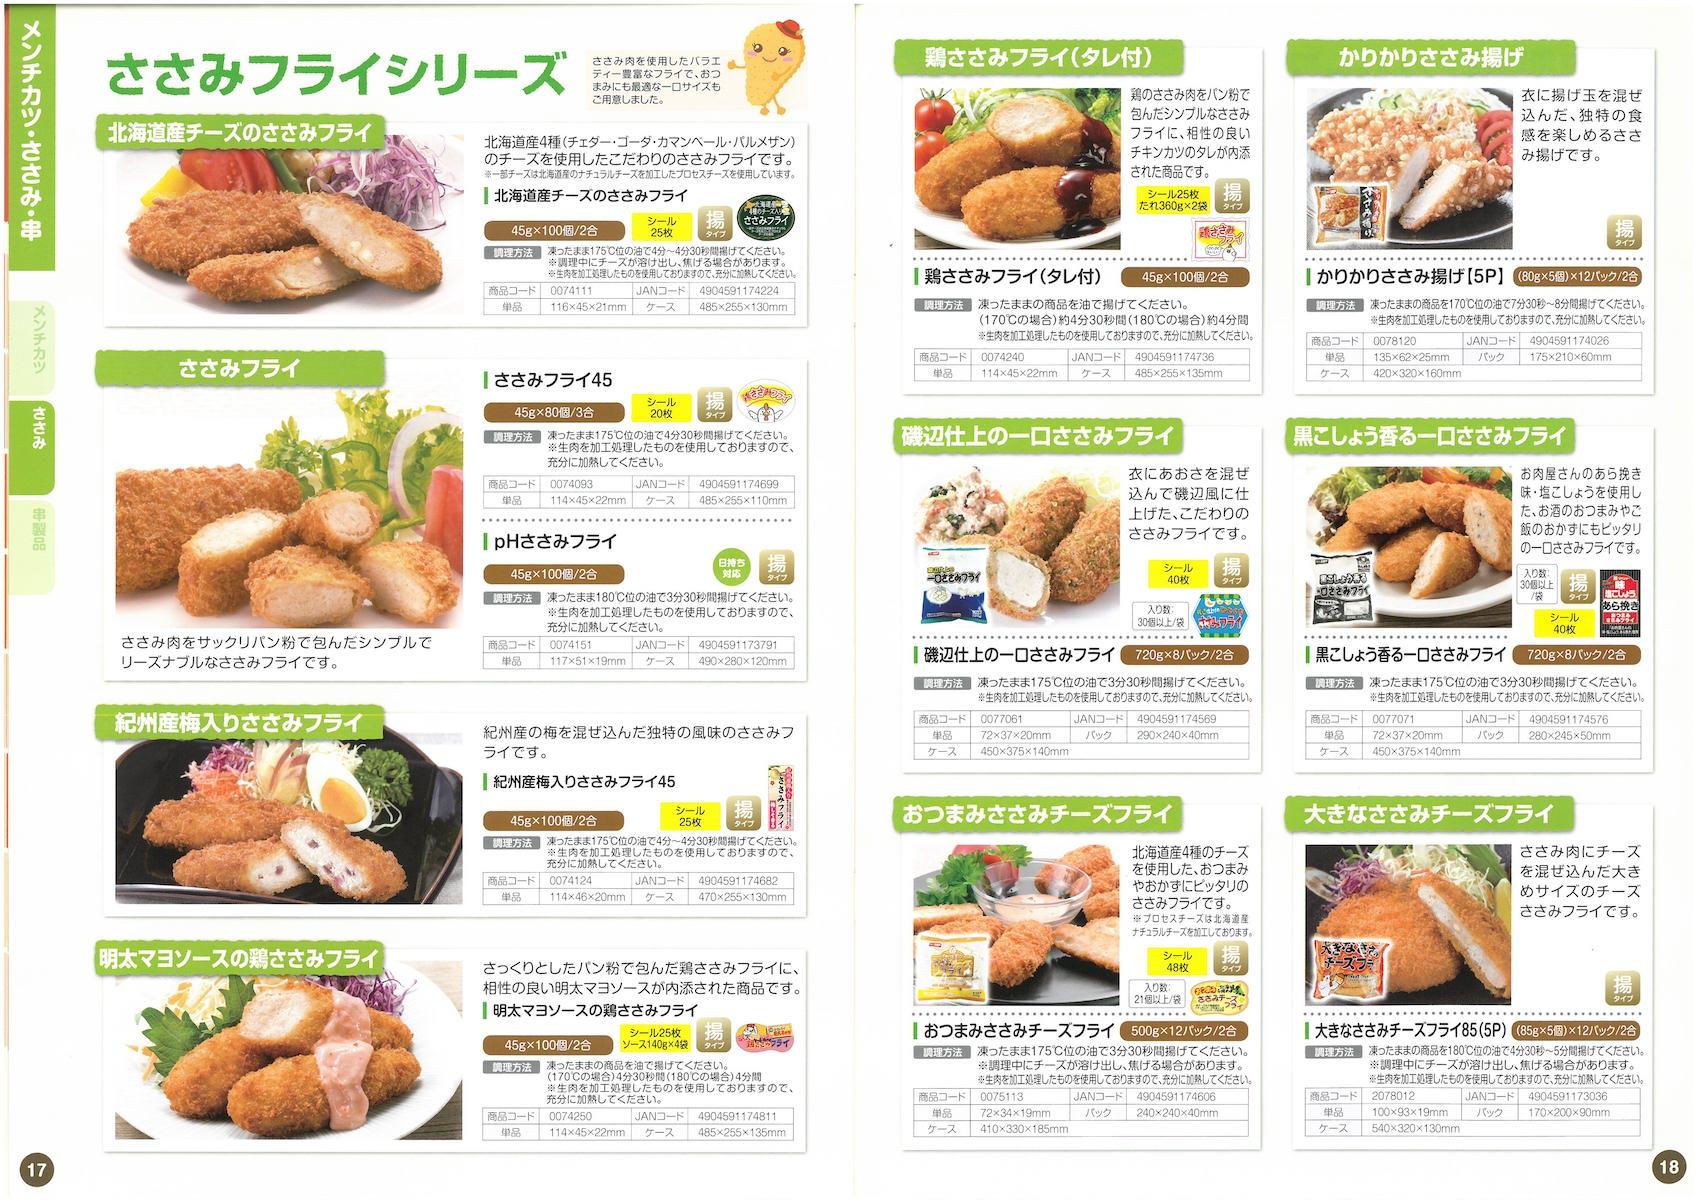 味のちぬや 2019 総合カタログ